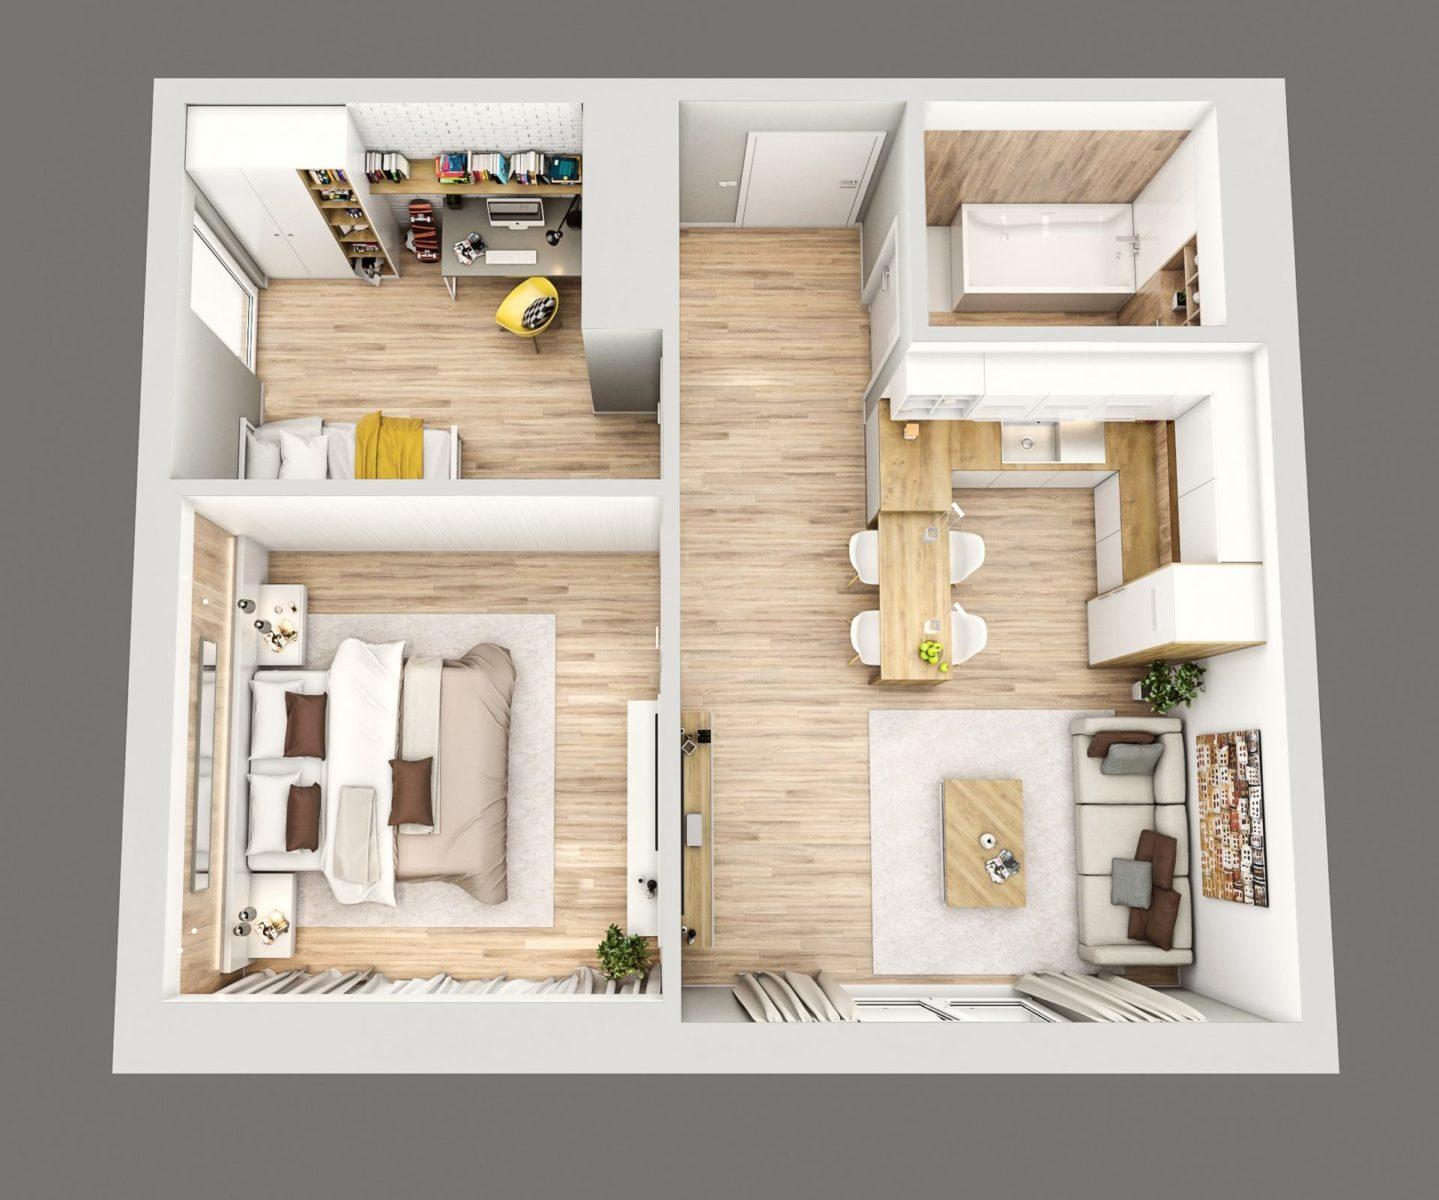 rzut mieszkania 3d przykładowa aranżacja projekt wizualizacja